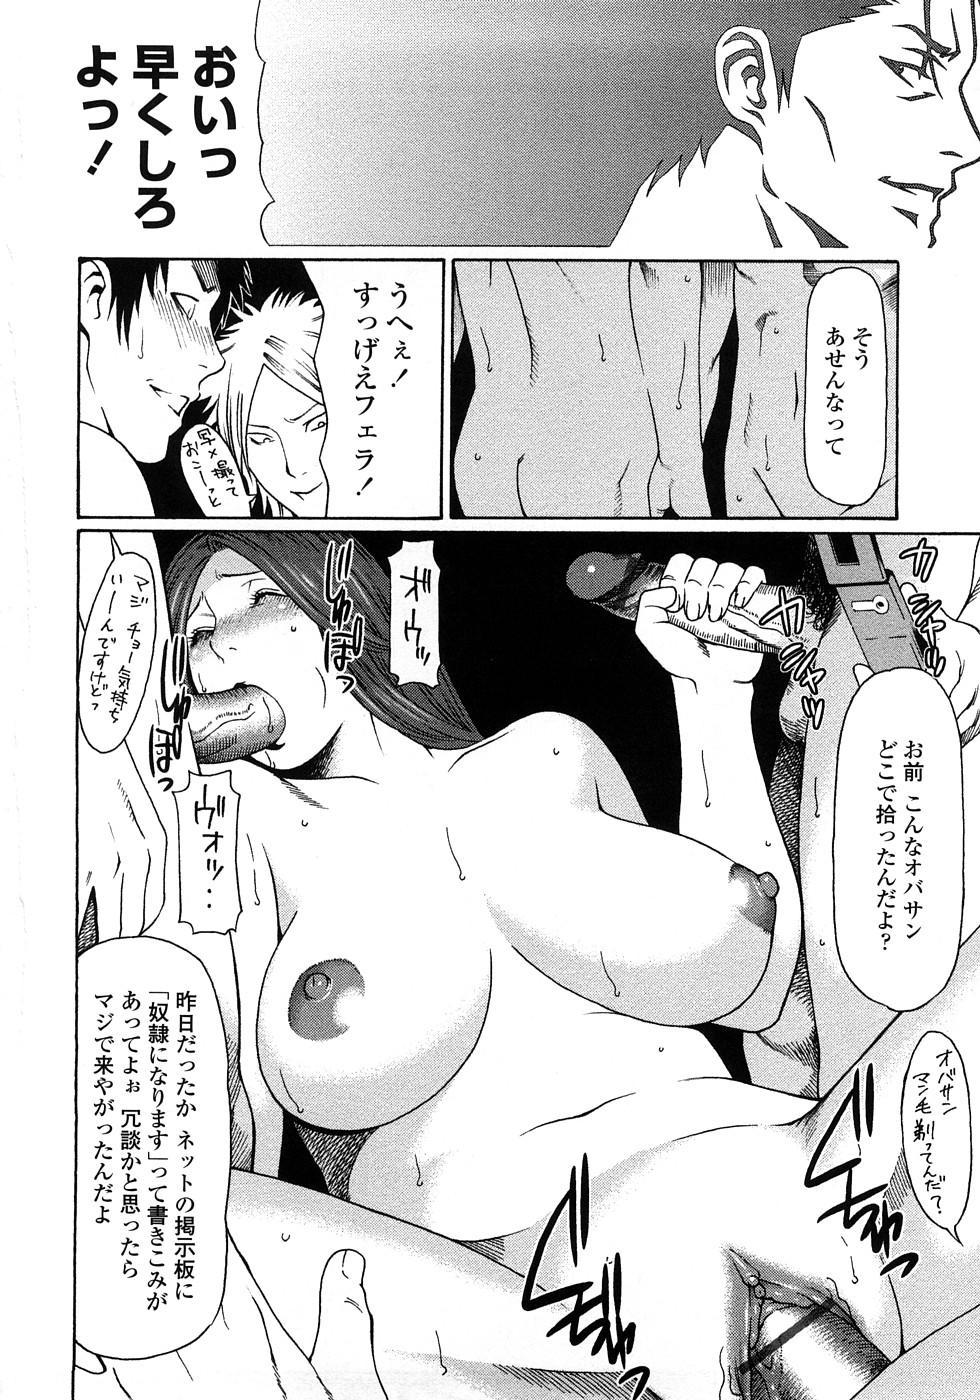 Etsuraku no Tobira - The Door of Sexual Pleasure 208